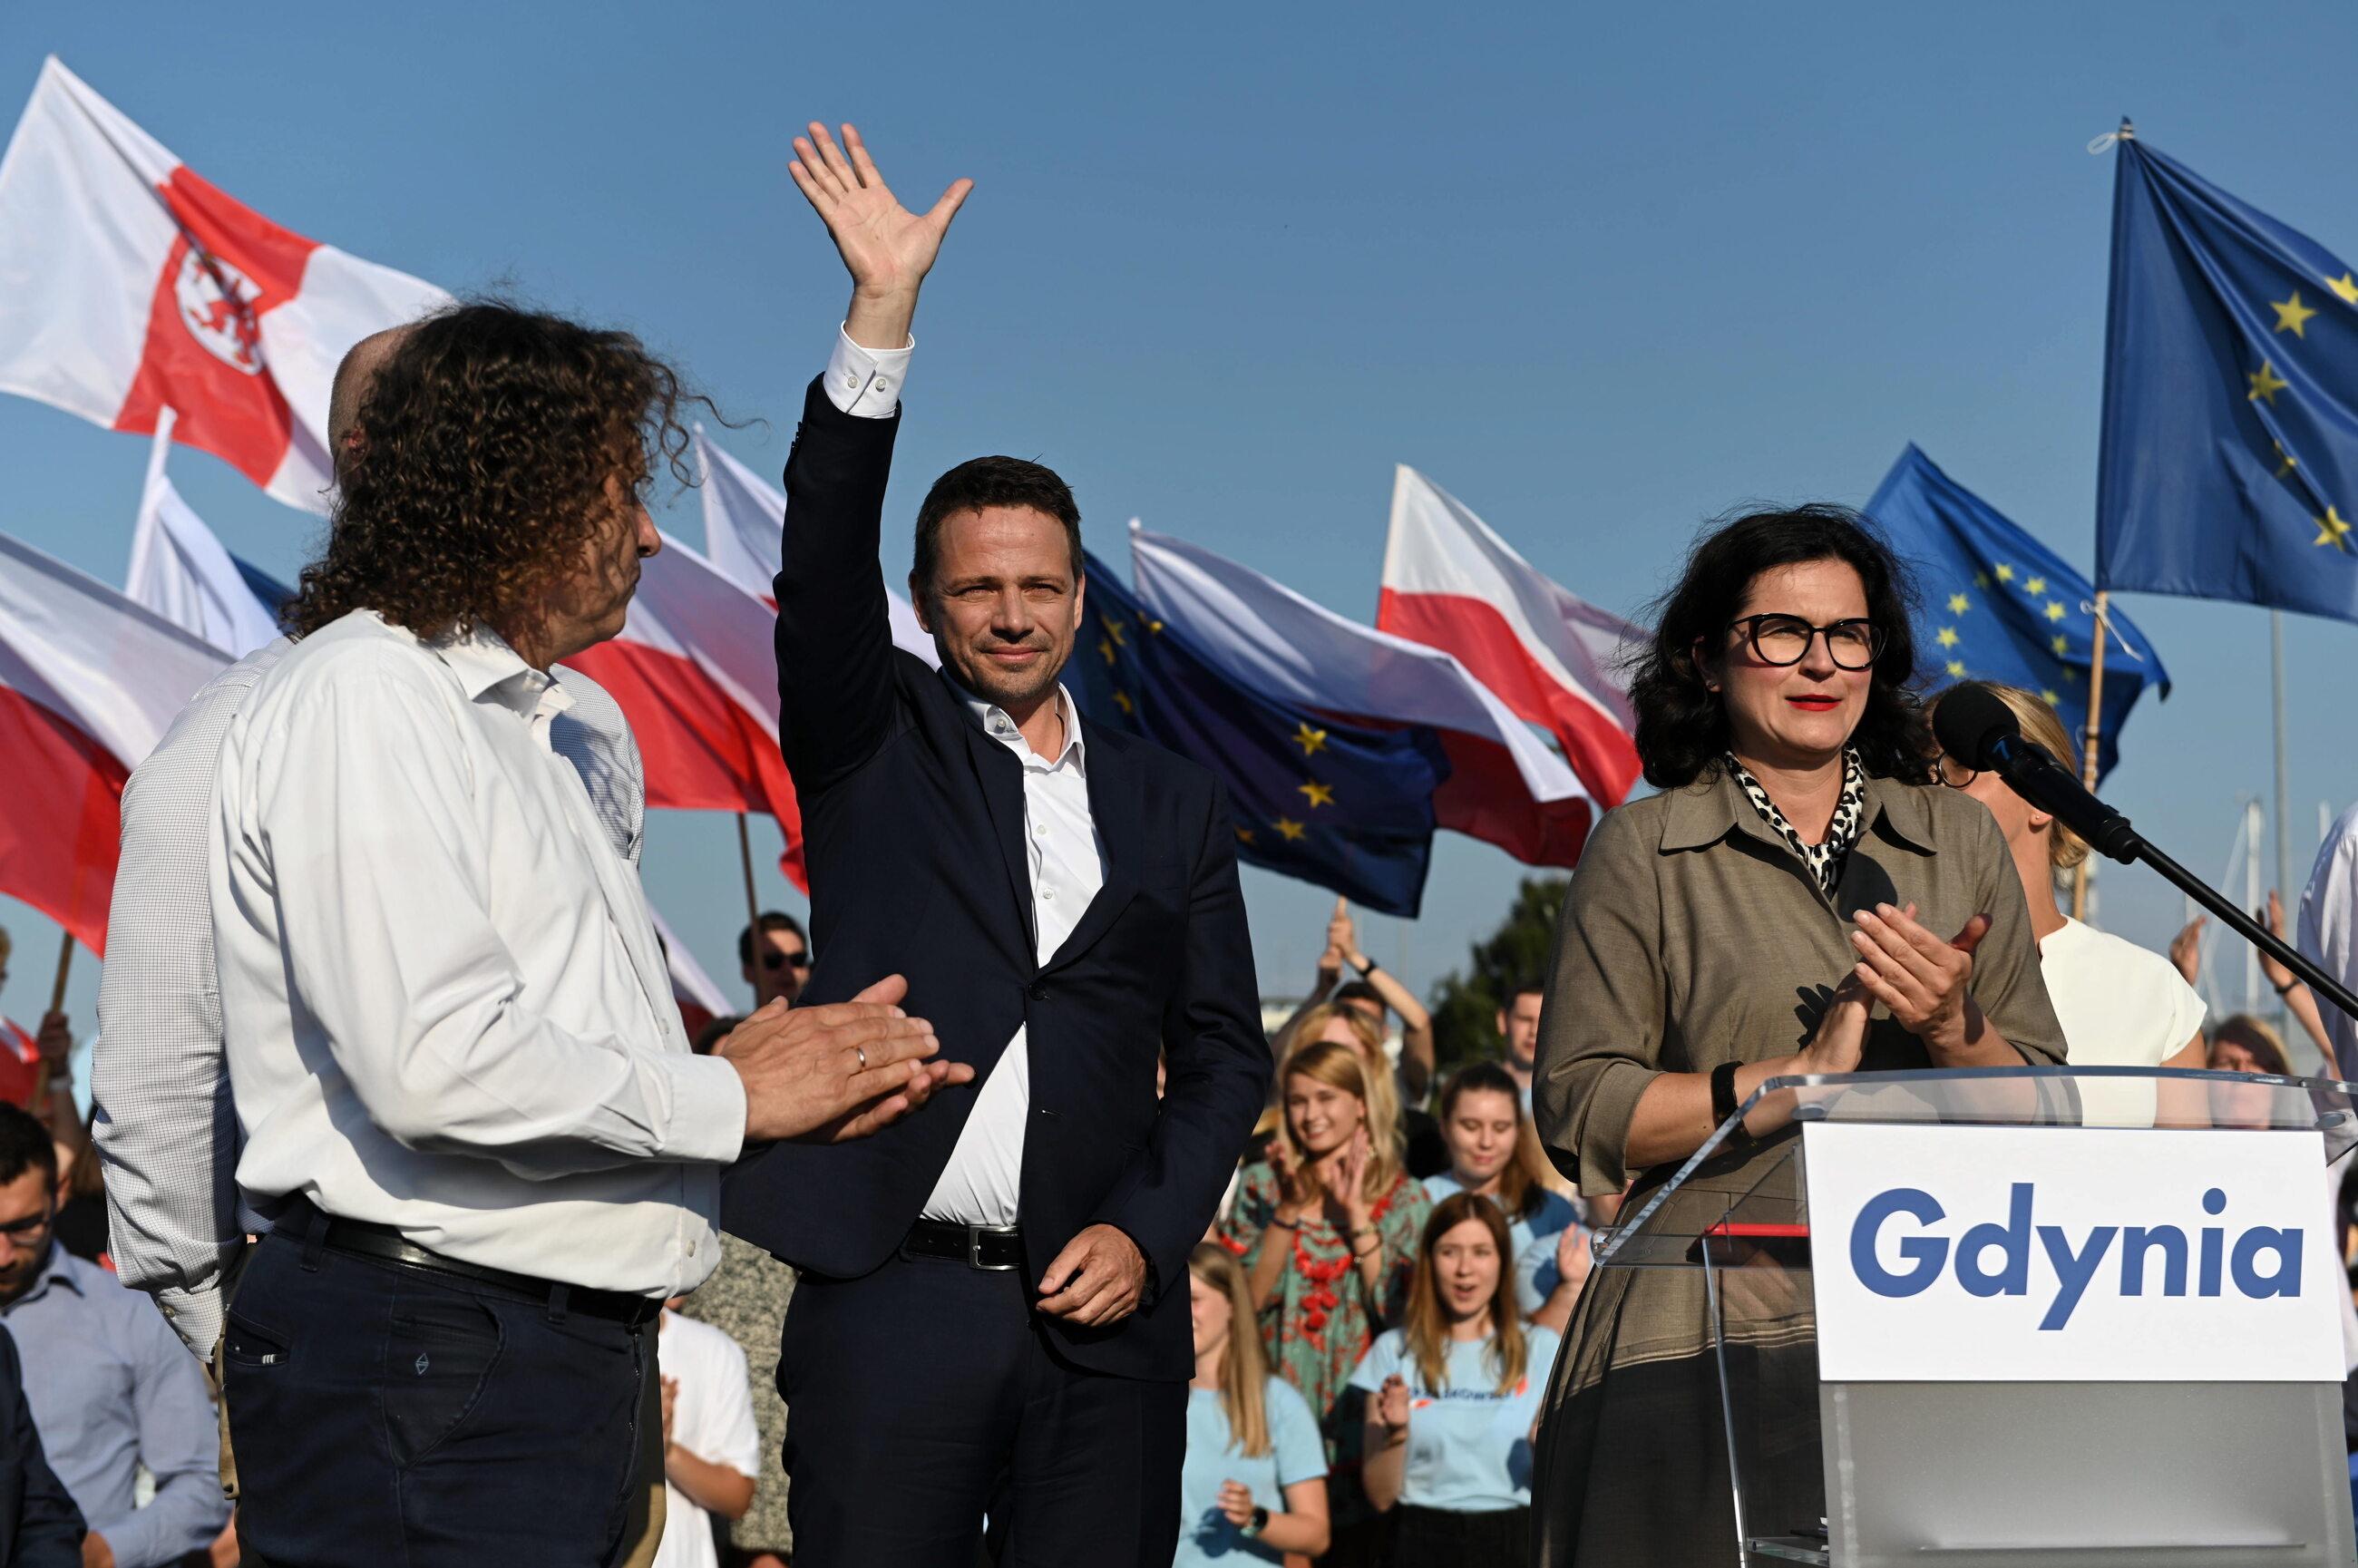 Prezydent Warszawy Rafał Trzaskowski (C) oraz prezydent Sopotu Jacek Karnowski (L) i prezydent Gdańska Aleksandra Dulkiewicz